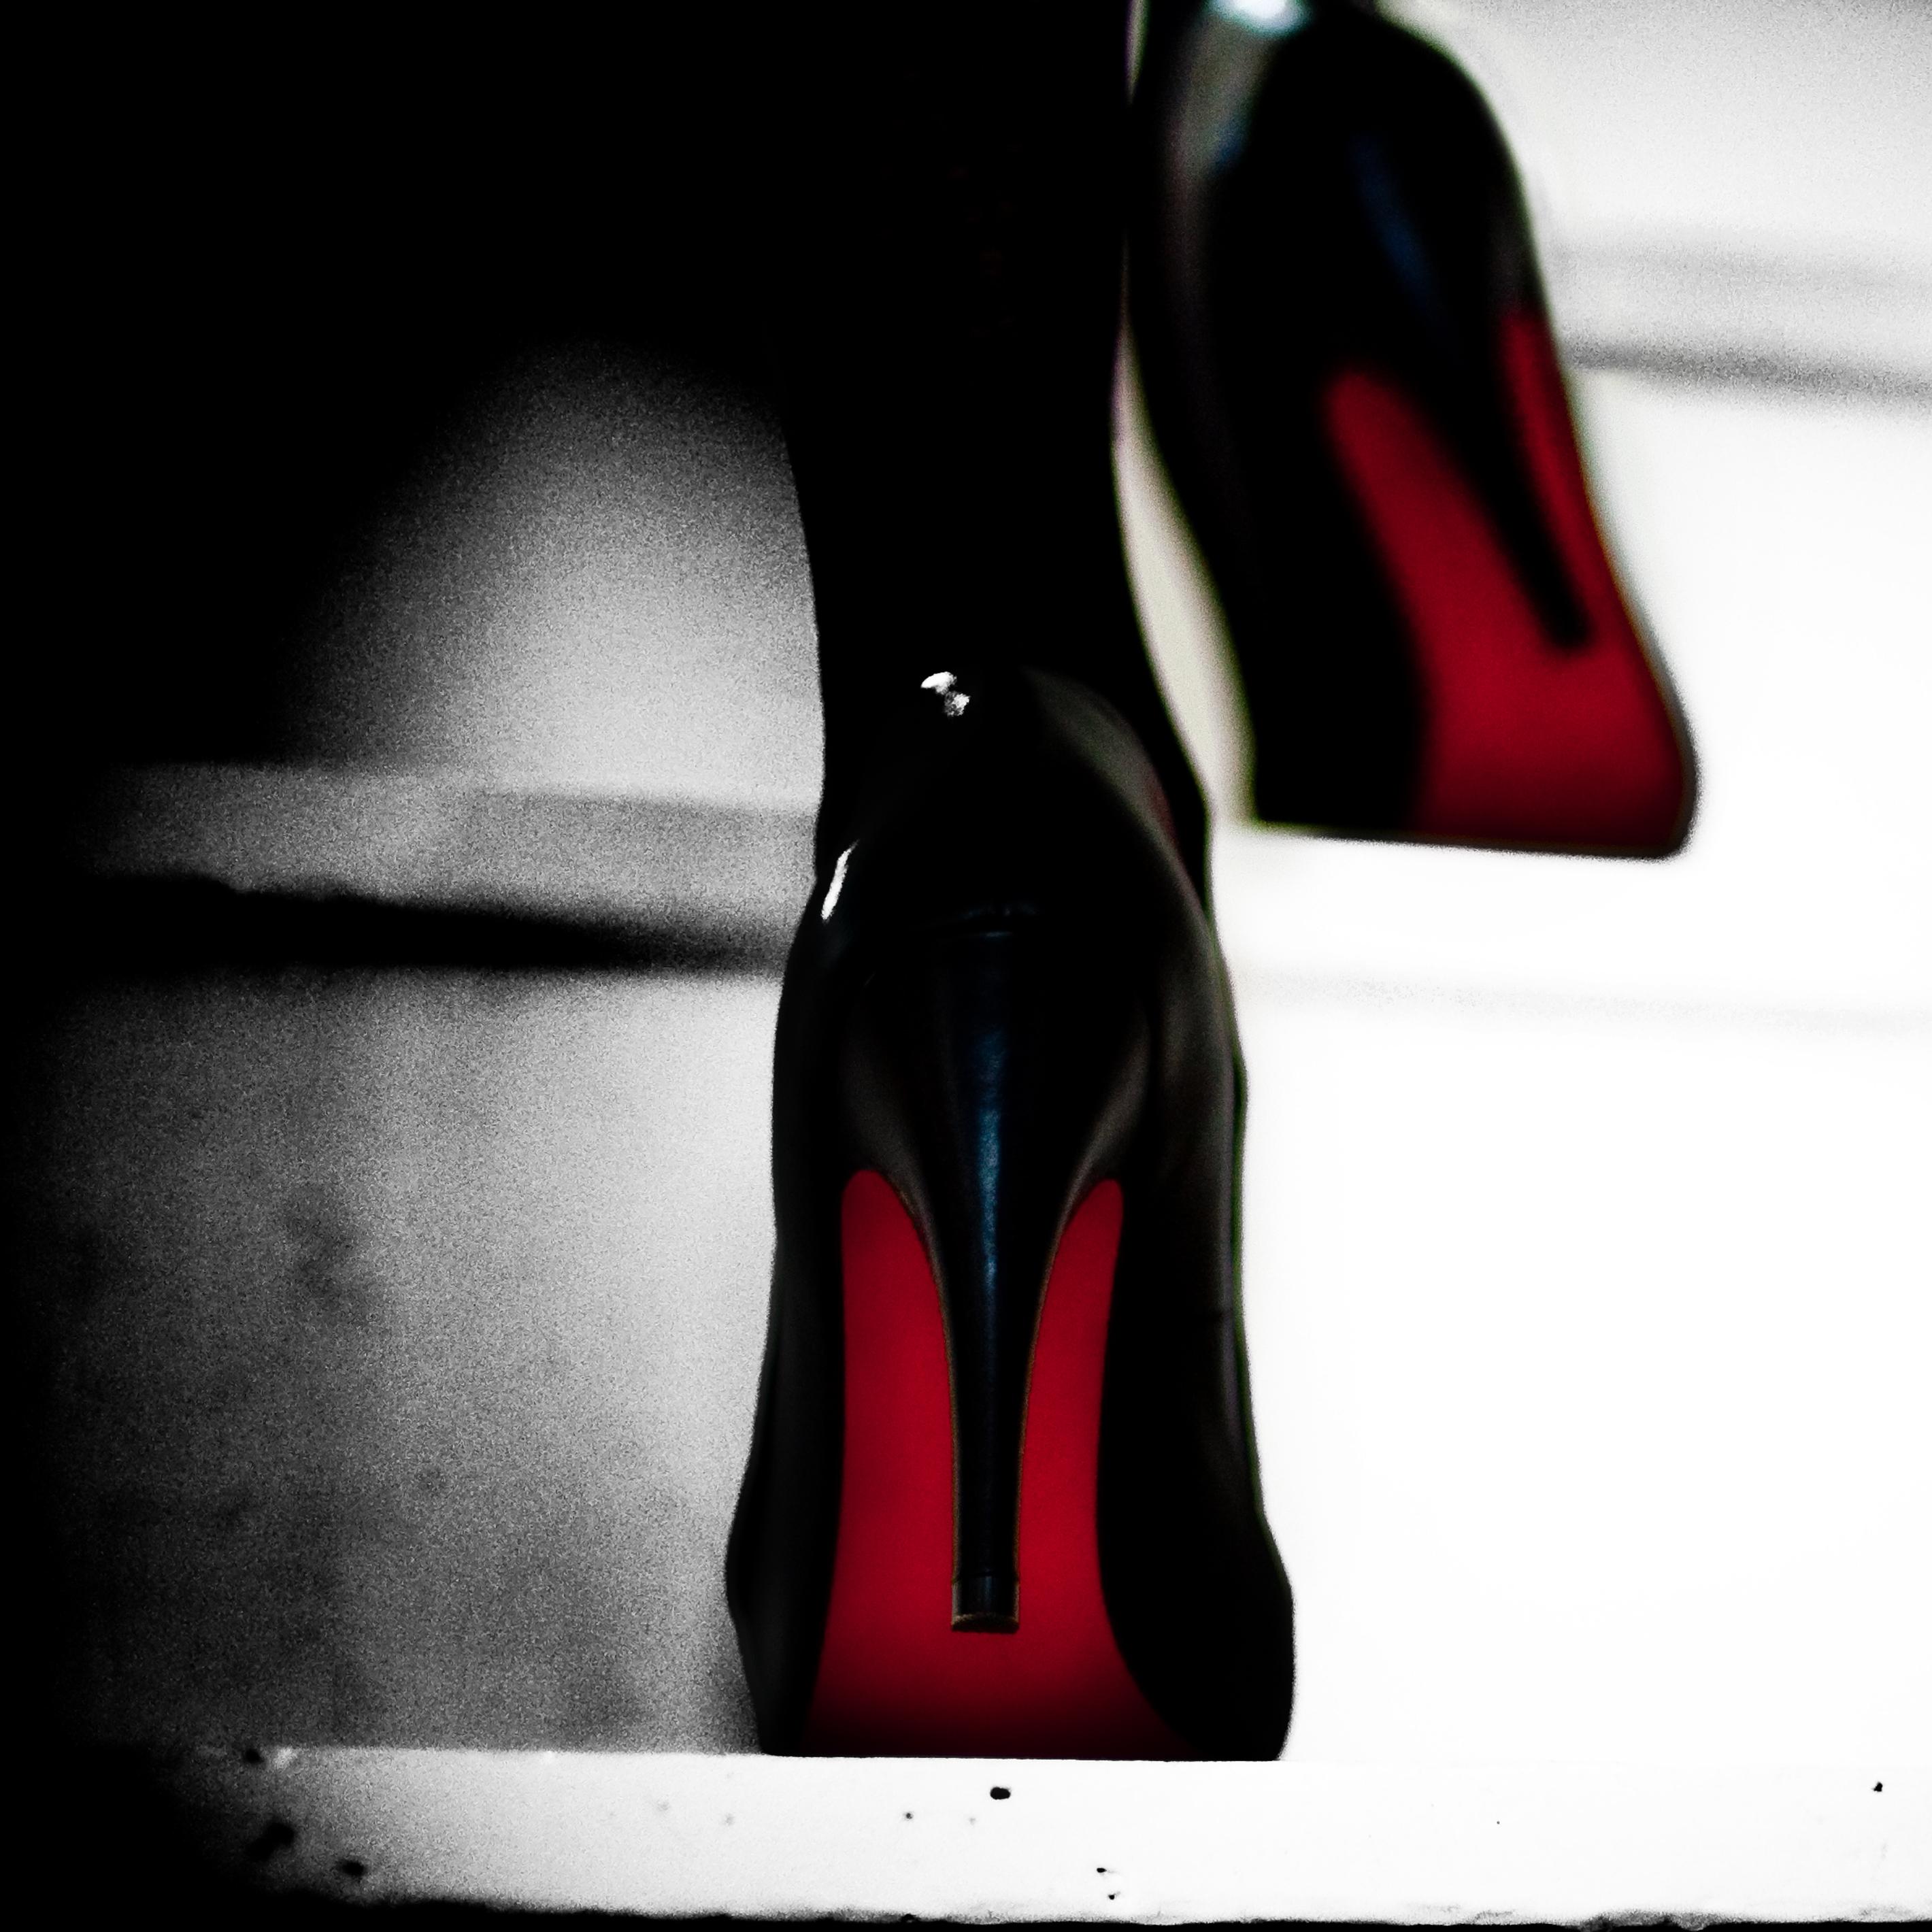 Туфли моей госпожи фото 13 фотография